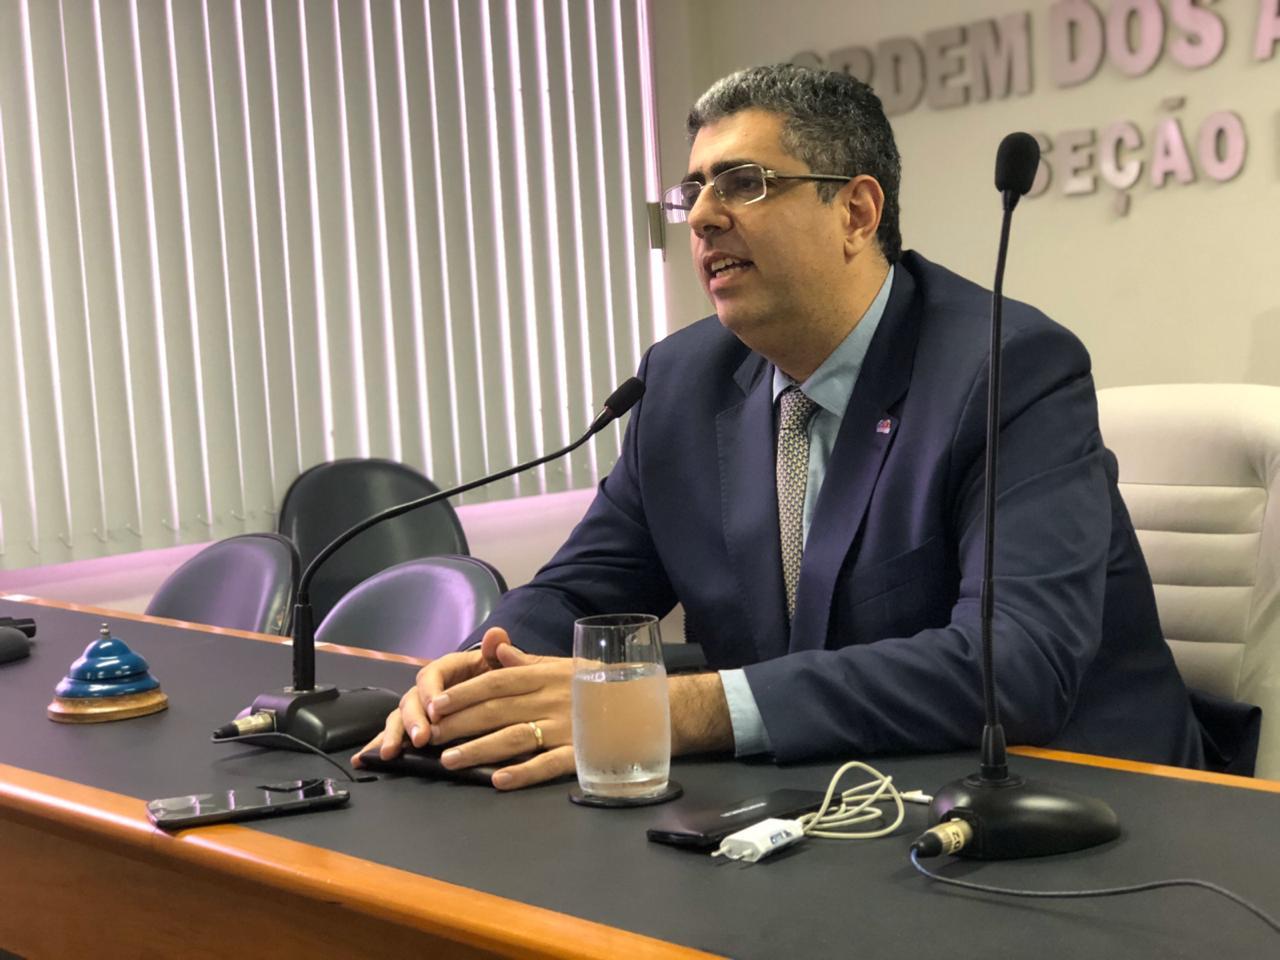 José Carlos Rizk Filho é presidente da OAB-ES. Foto: Divulgação